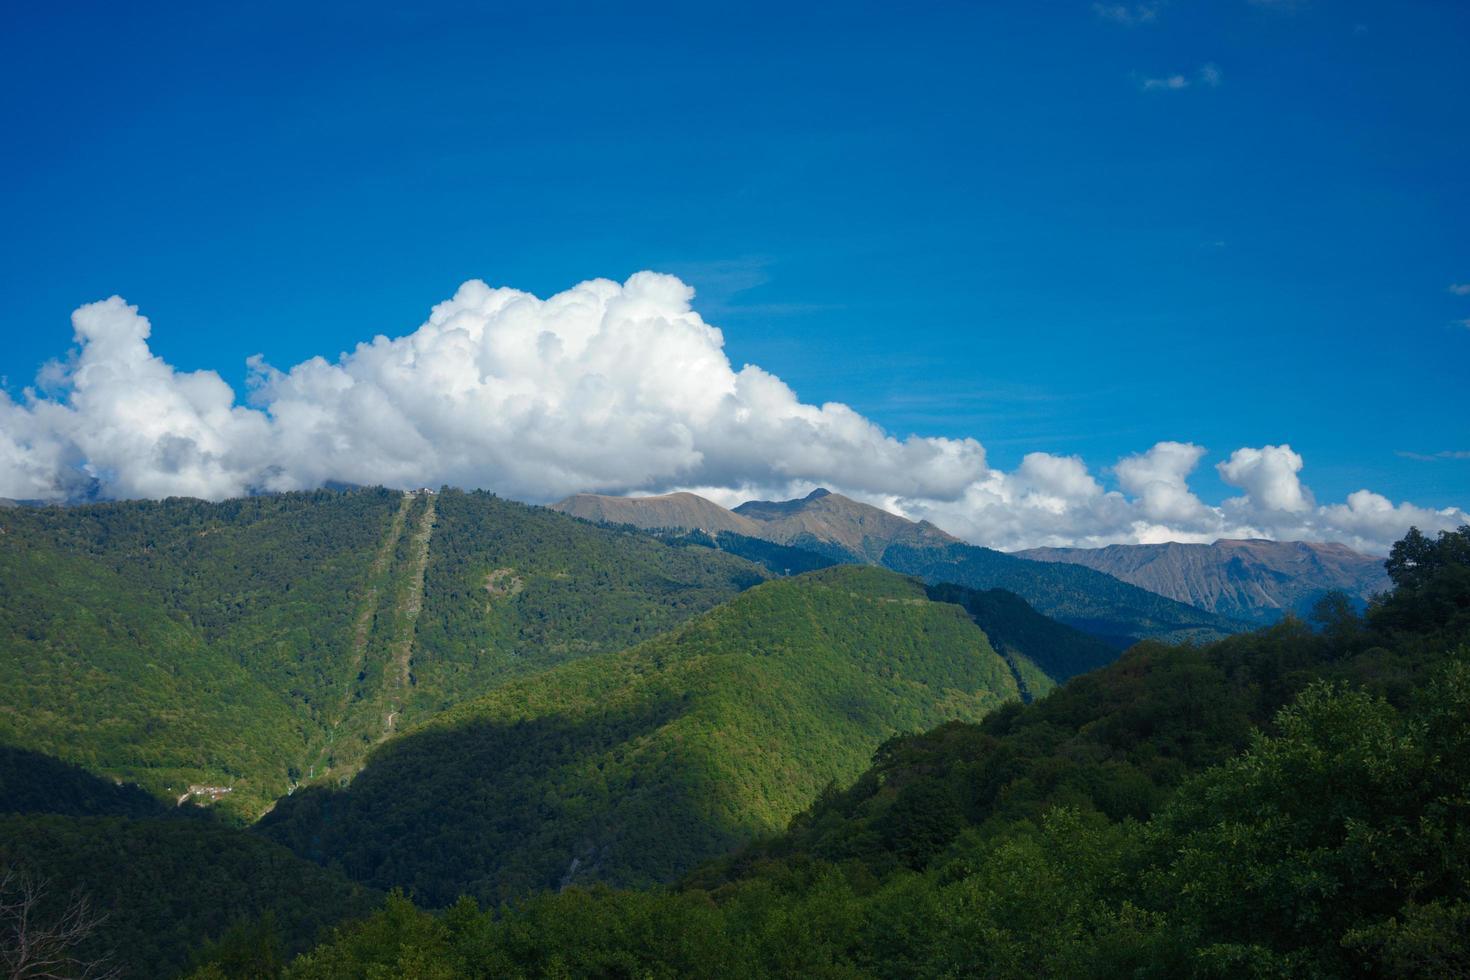 paesaggio di montagna con foresta verde e nuvoloso cielo blu a sochi, russia foto